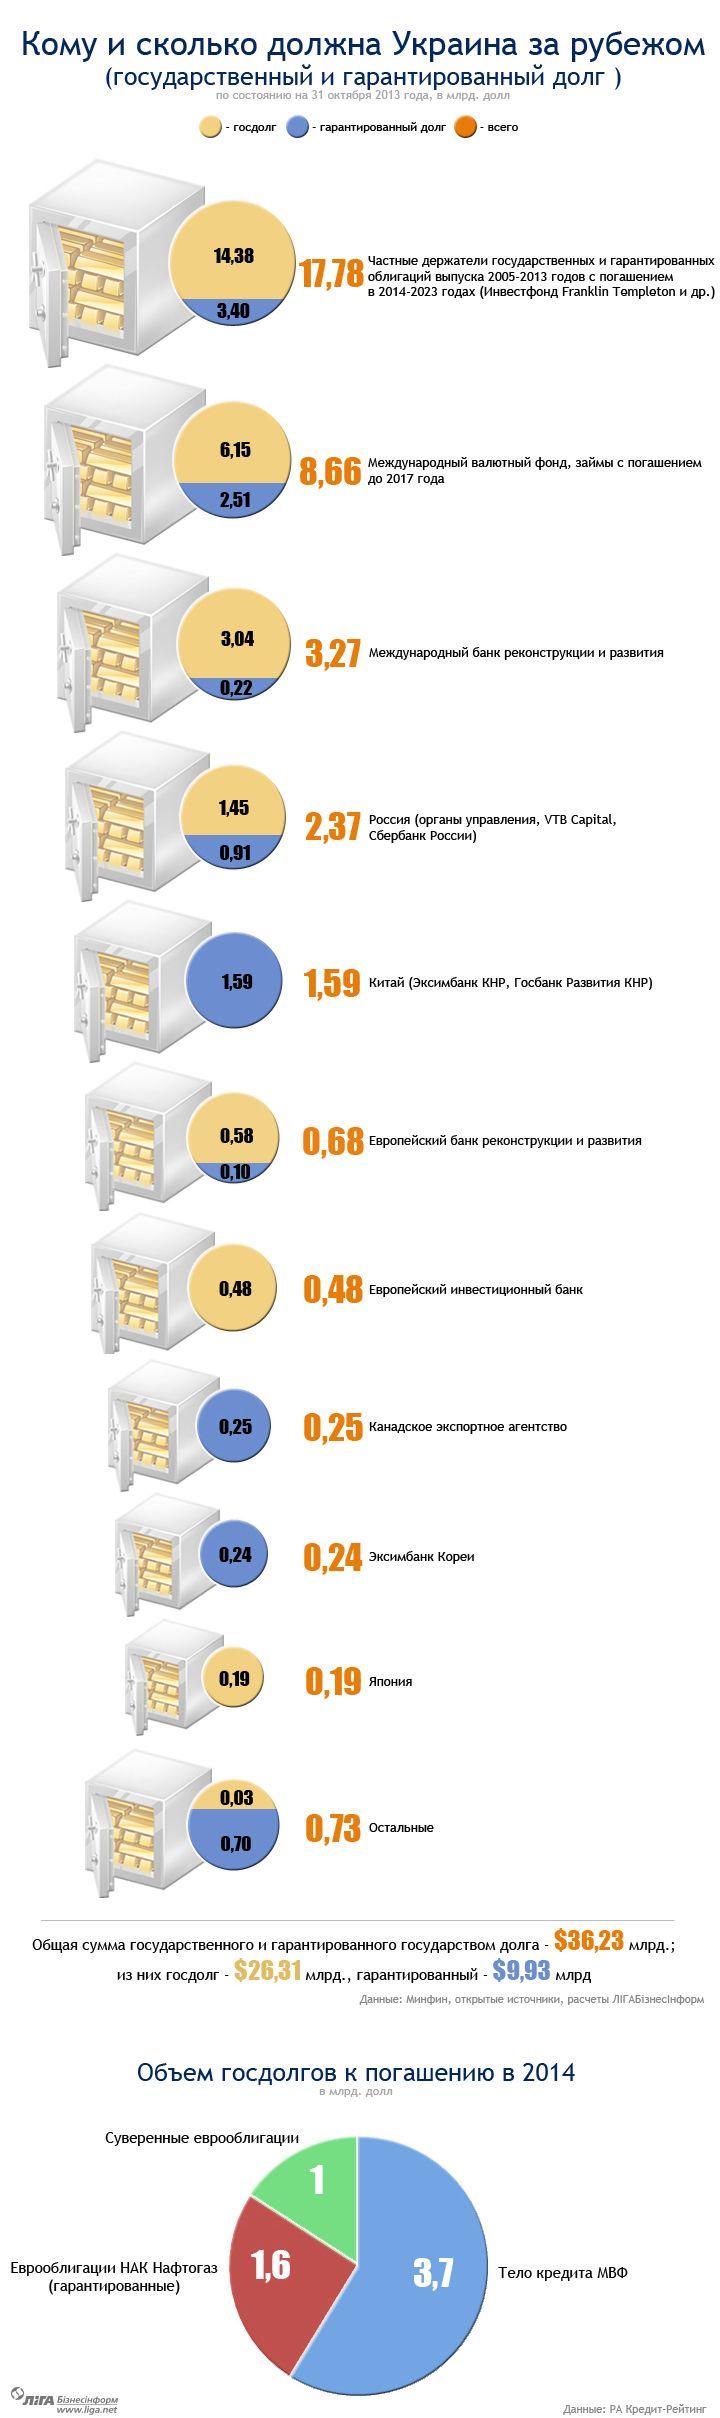 Breakdown of #Ukraine's external debt http://ht.ly/rCOip via @BIZLIGA